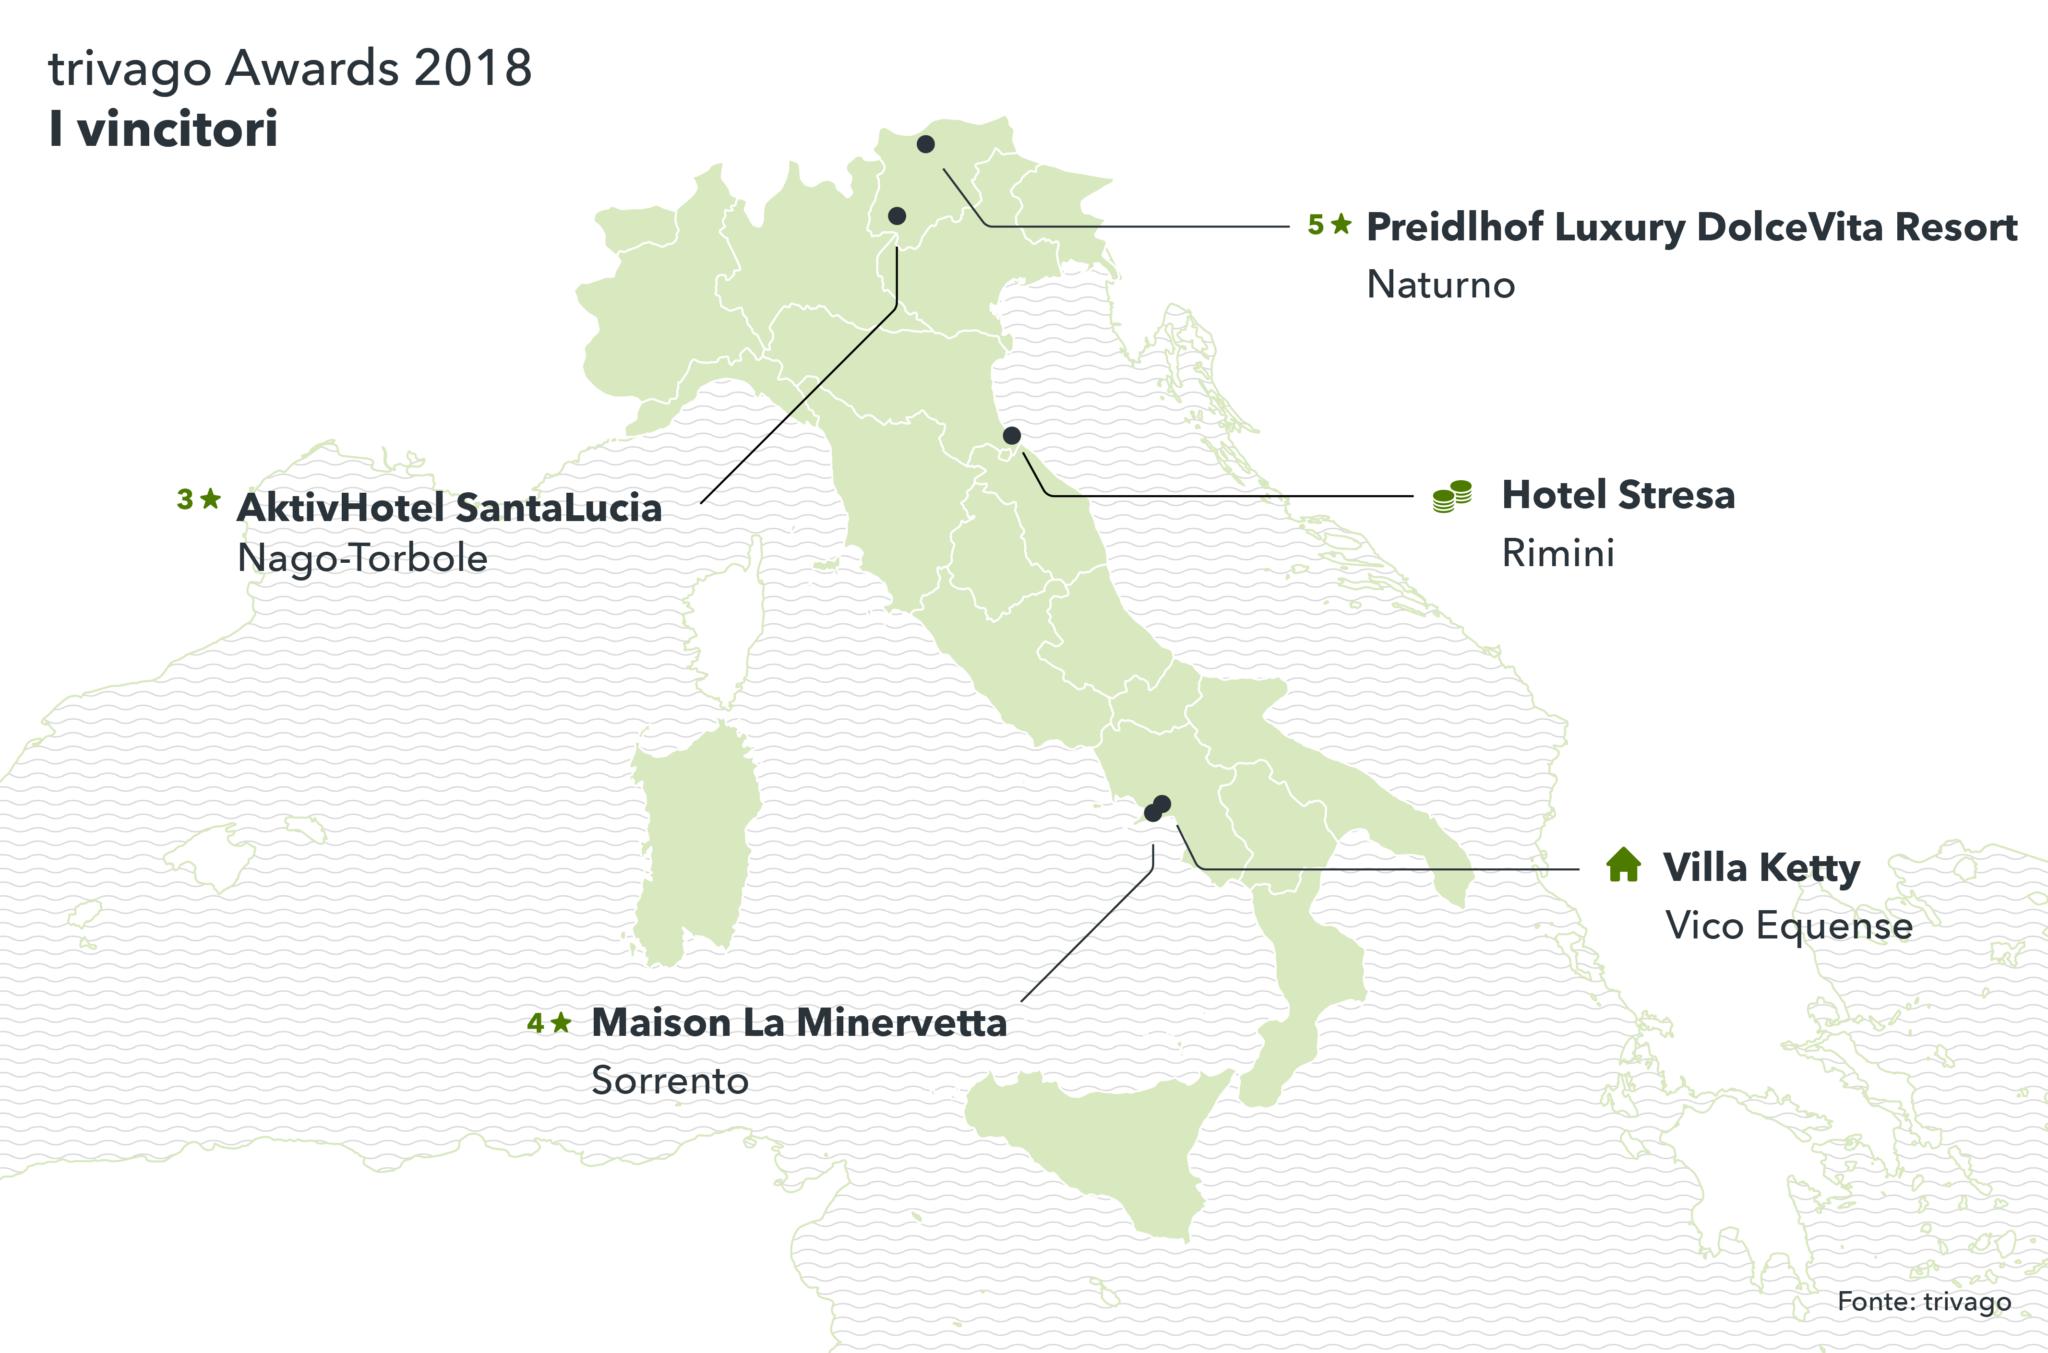 I vincitori italiani dei trivago Awards 2018